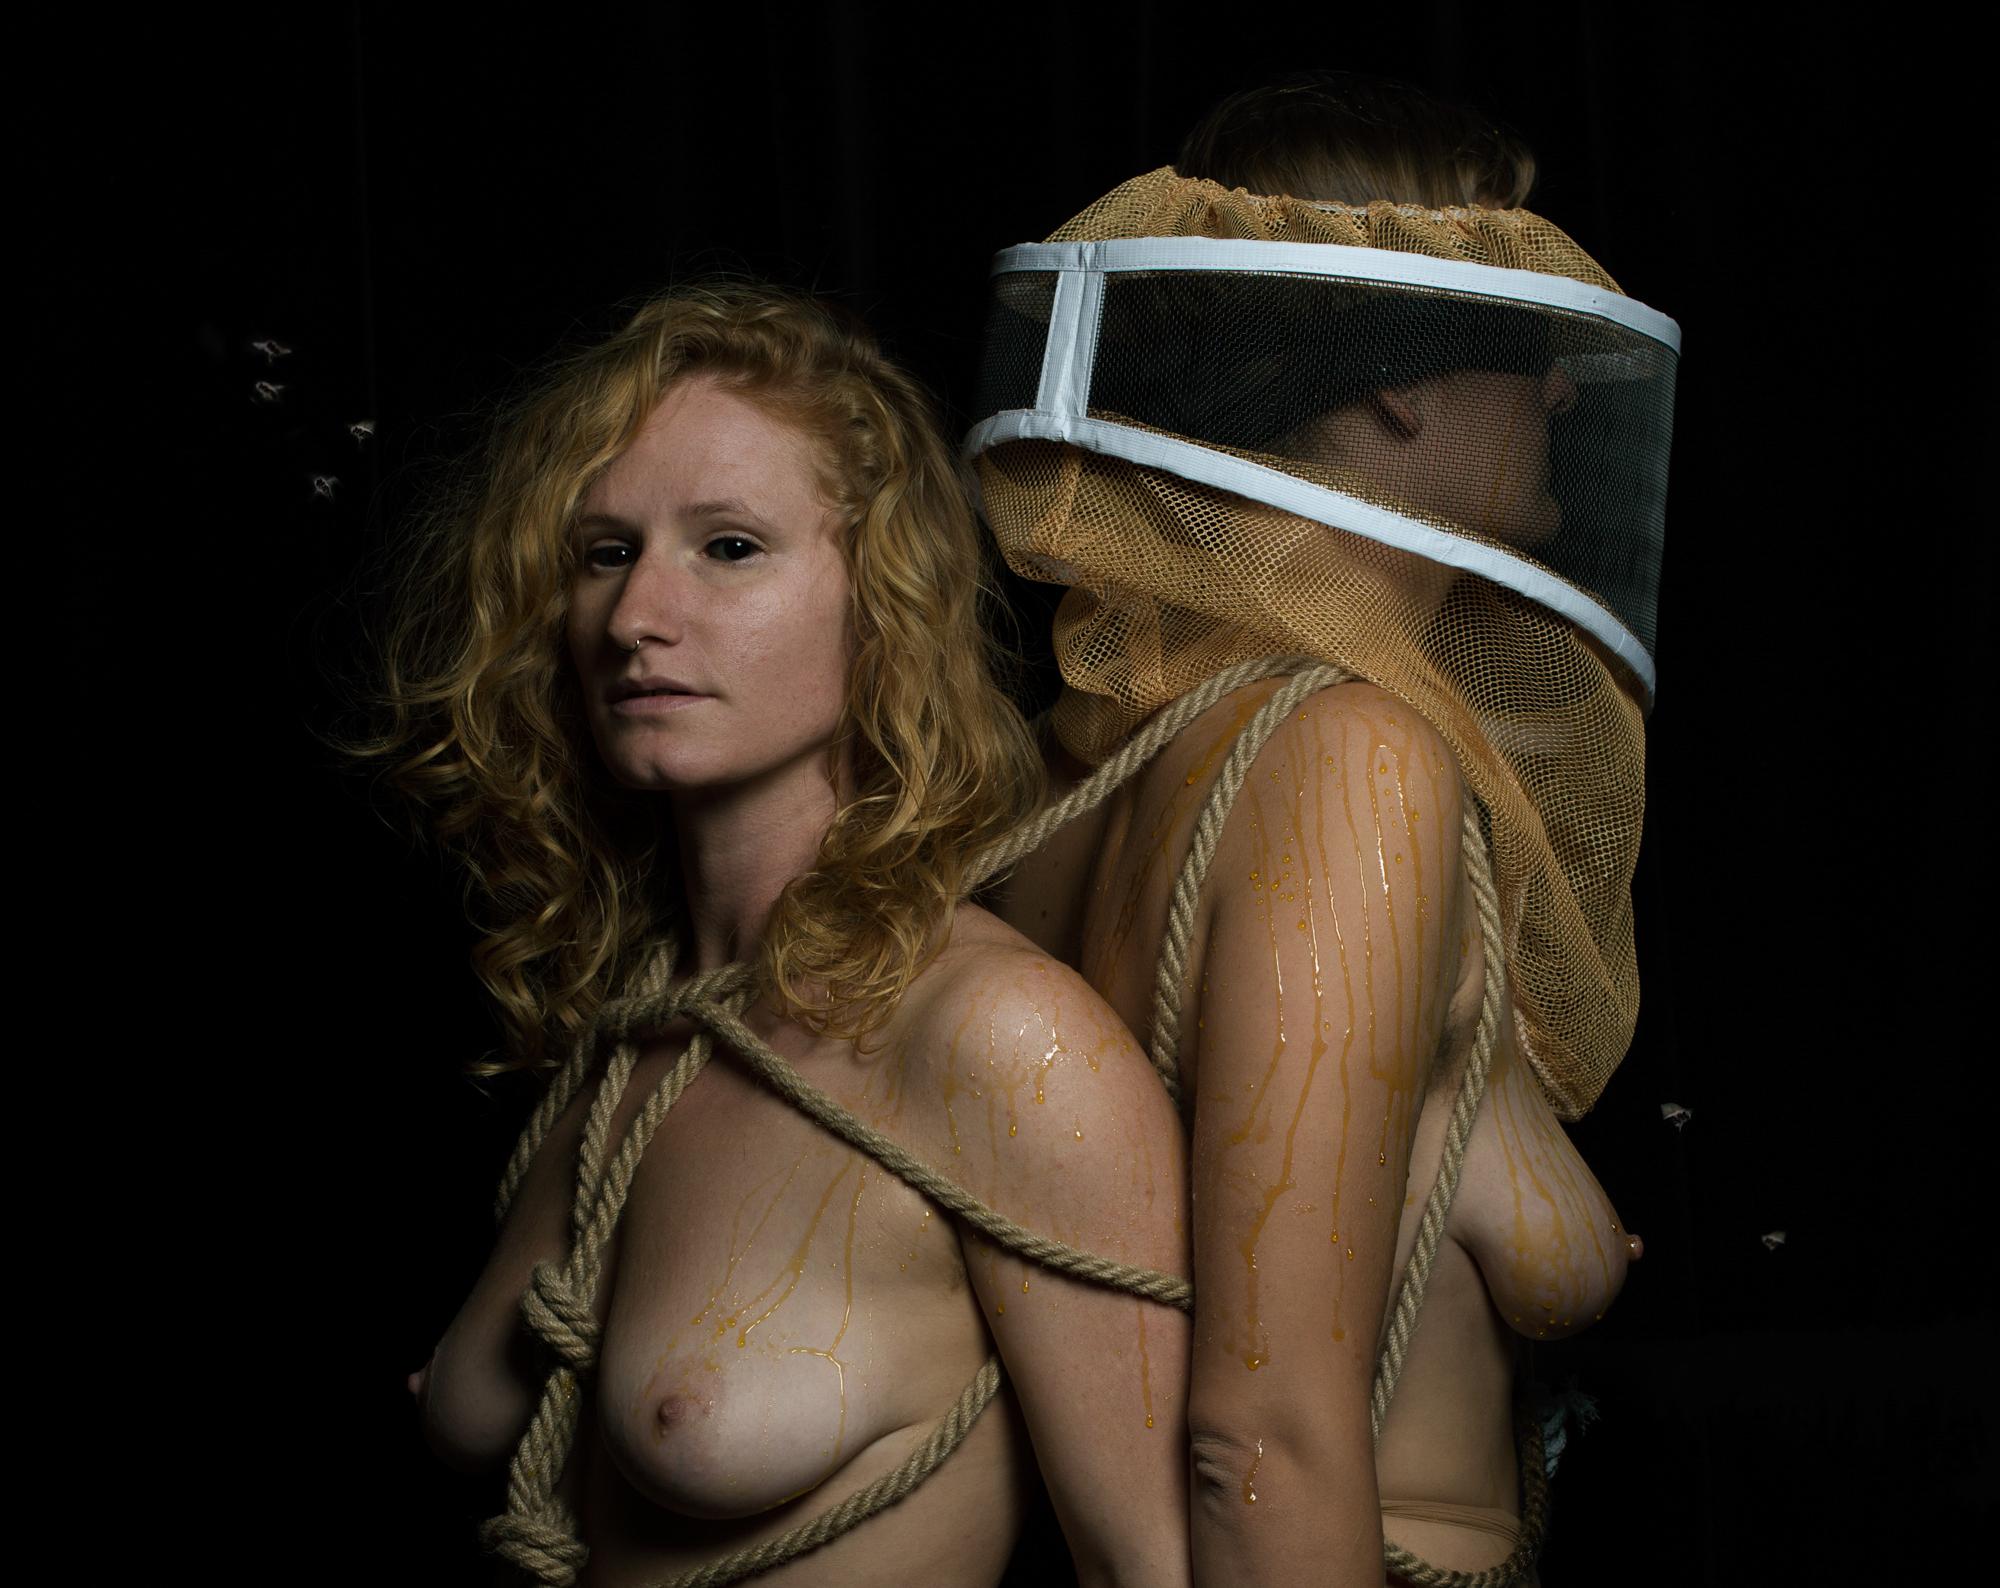 Honey_or_Tar_vii.jpg